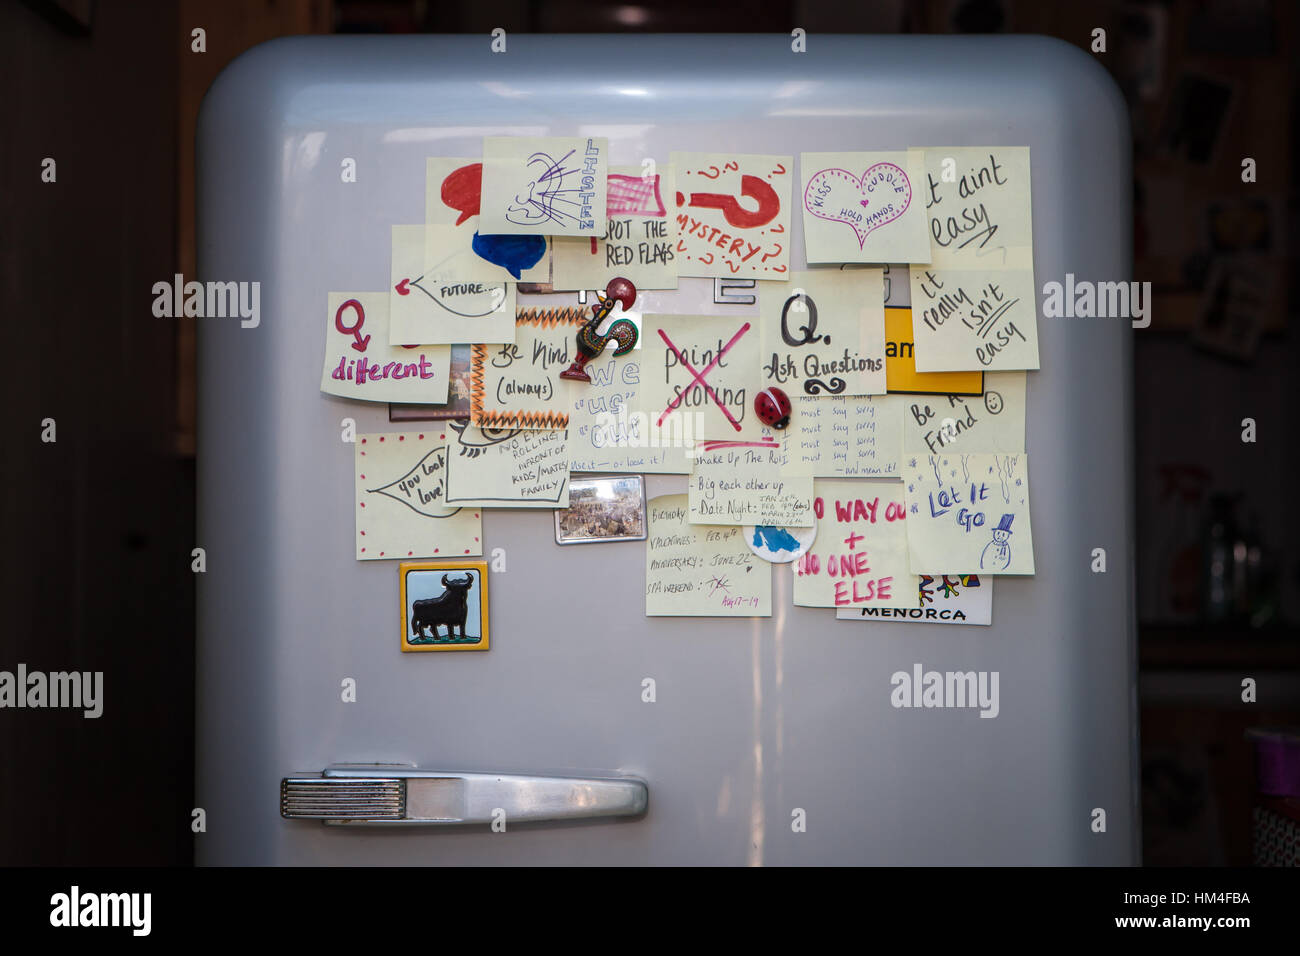 SMEG frigorifero coperto con consigli sulle relazioni di post-it's Immagini Stock